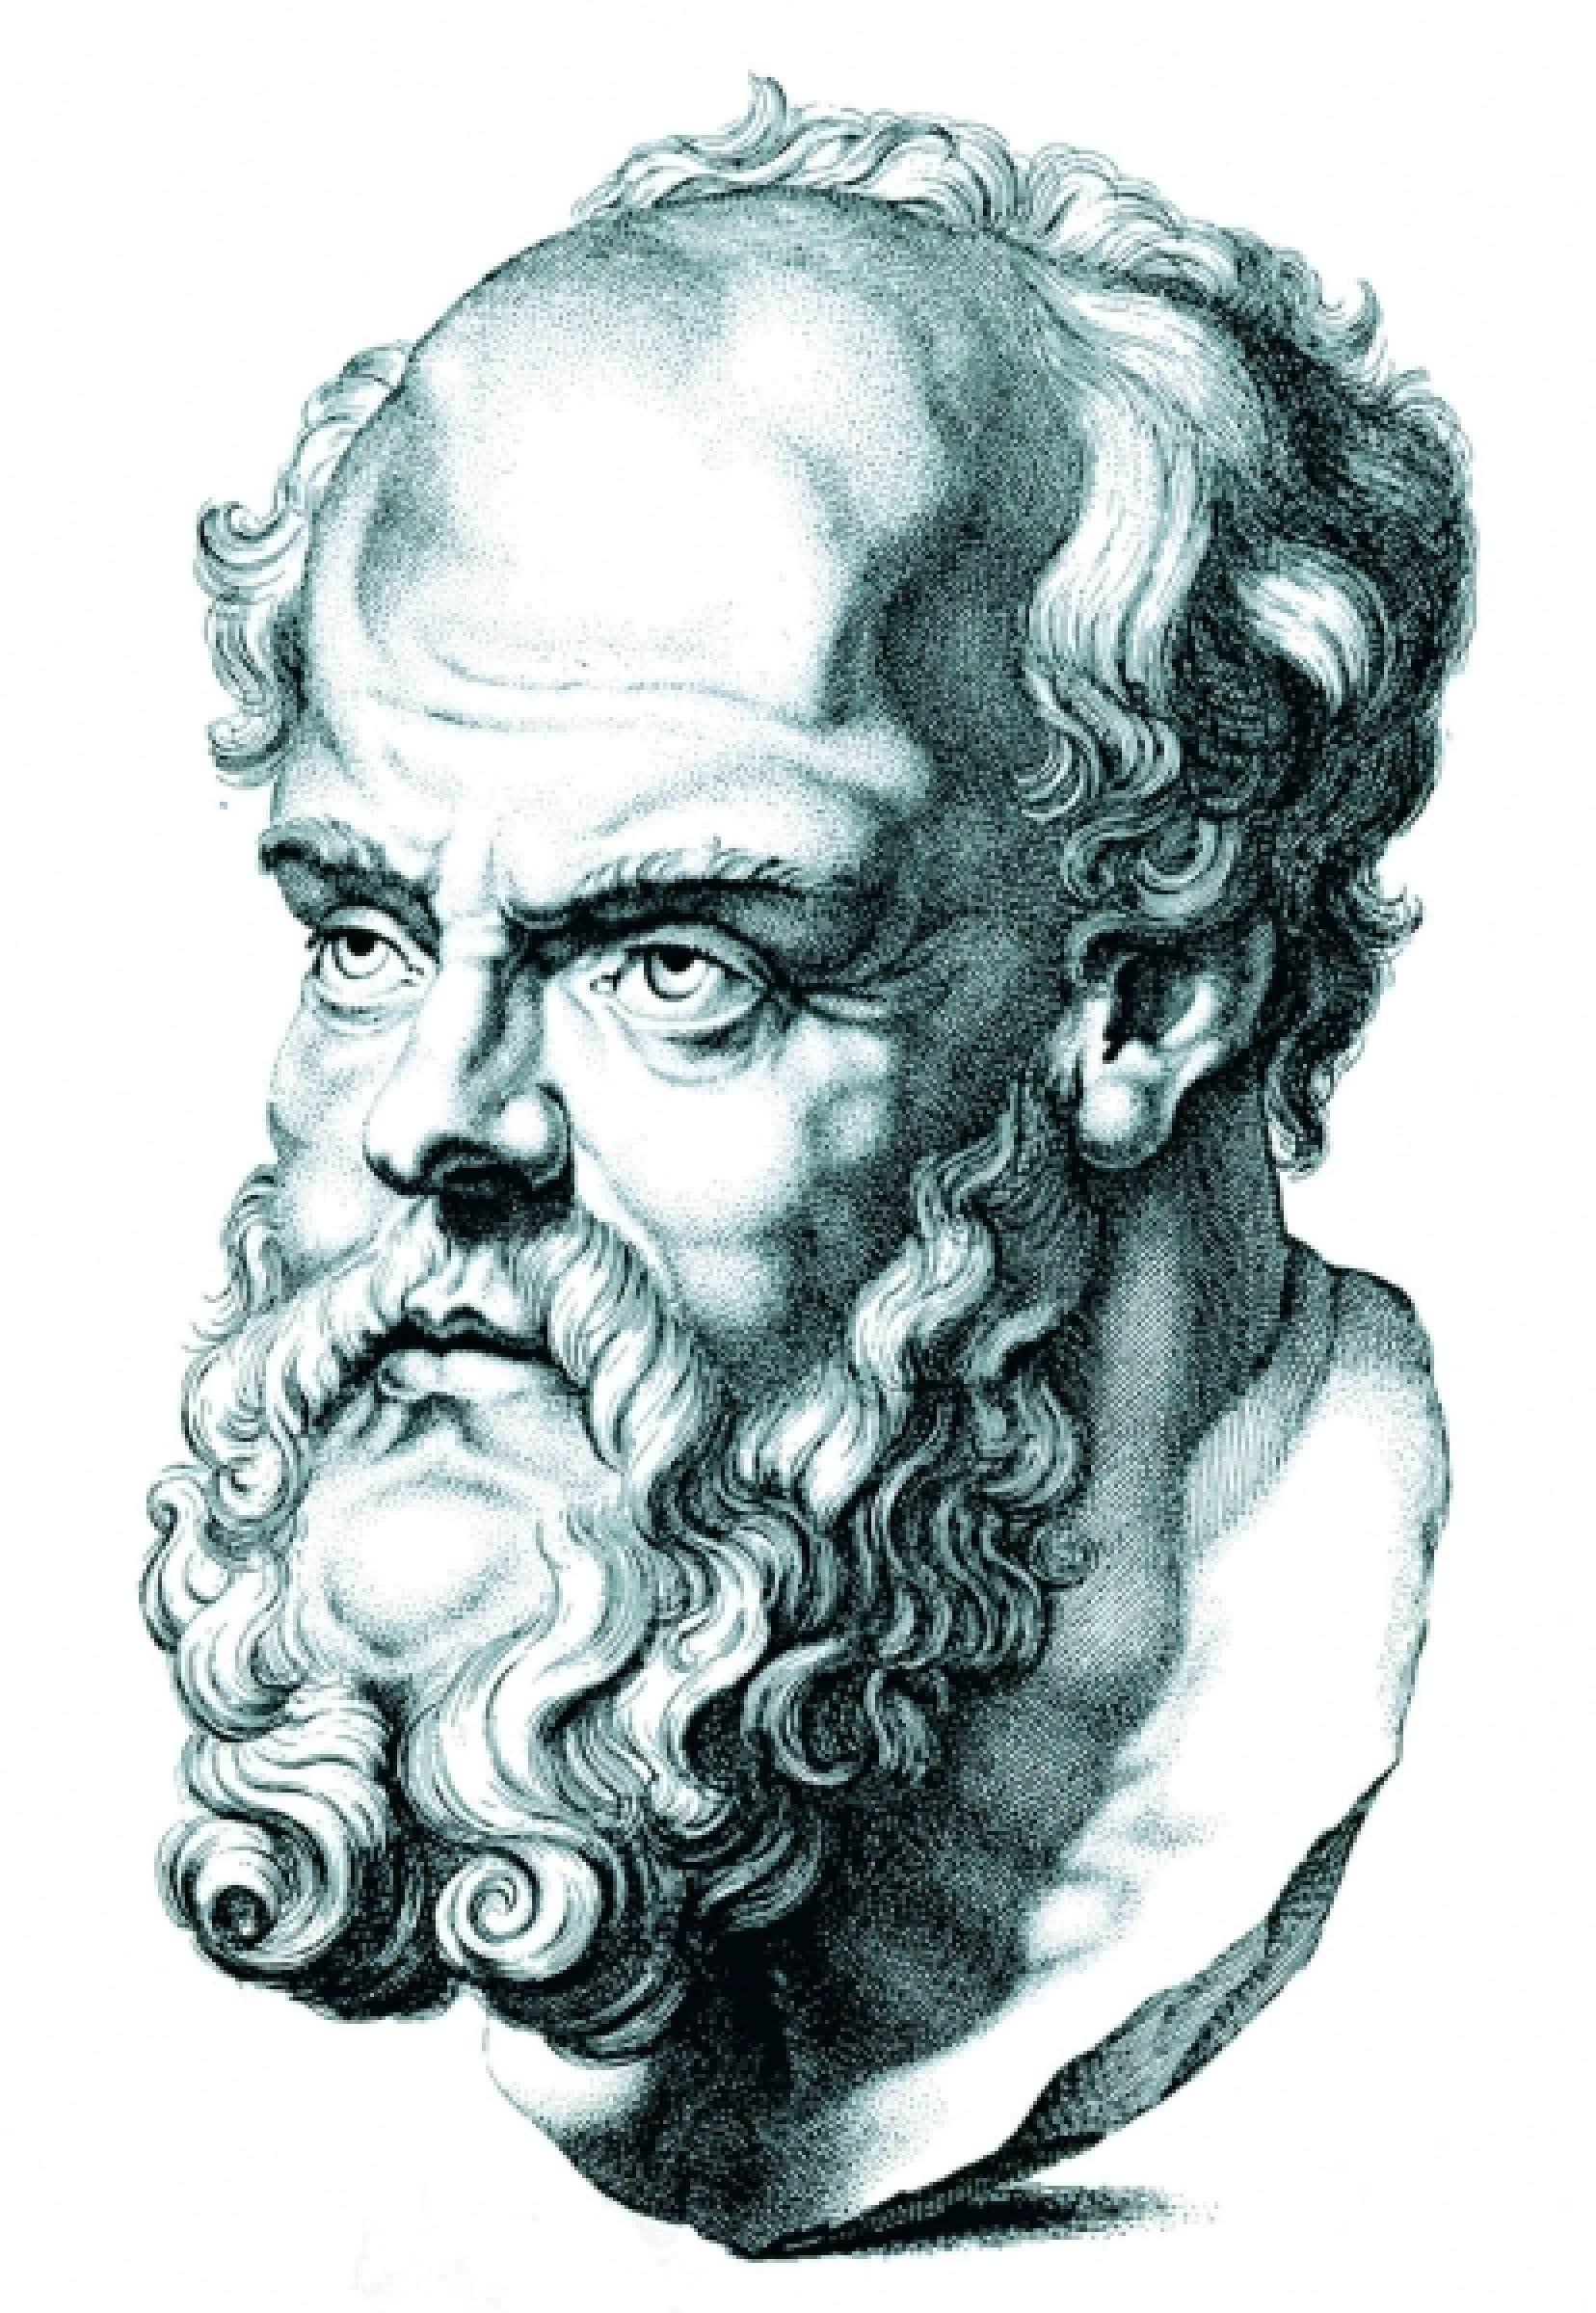 La post&eacute;rit&eacute; a surtout retenu le Socrate de Platon, d&eacute;sign&eacute; comme l&rsquo;homme le plus sage par l&rsquo;oracle de Delphes.<br />